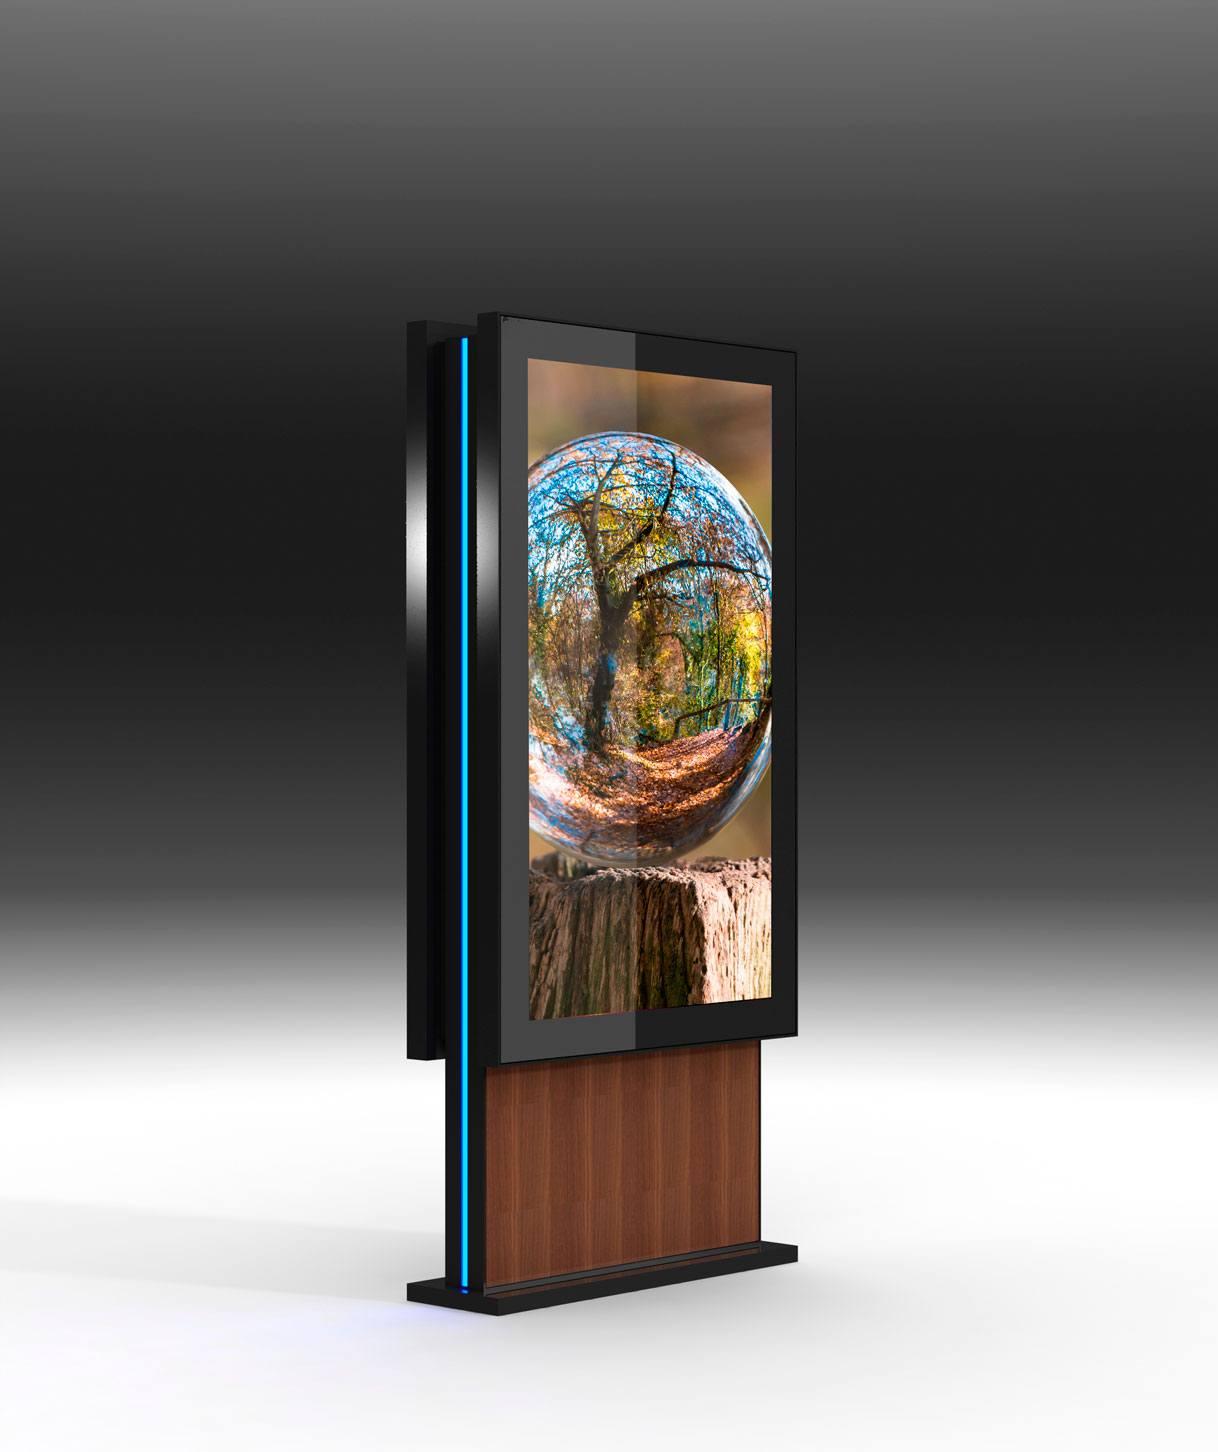 Moveable digital displays